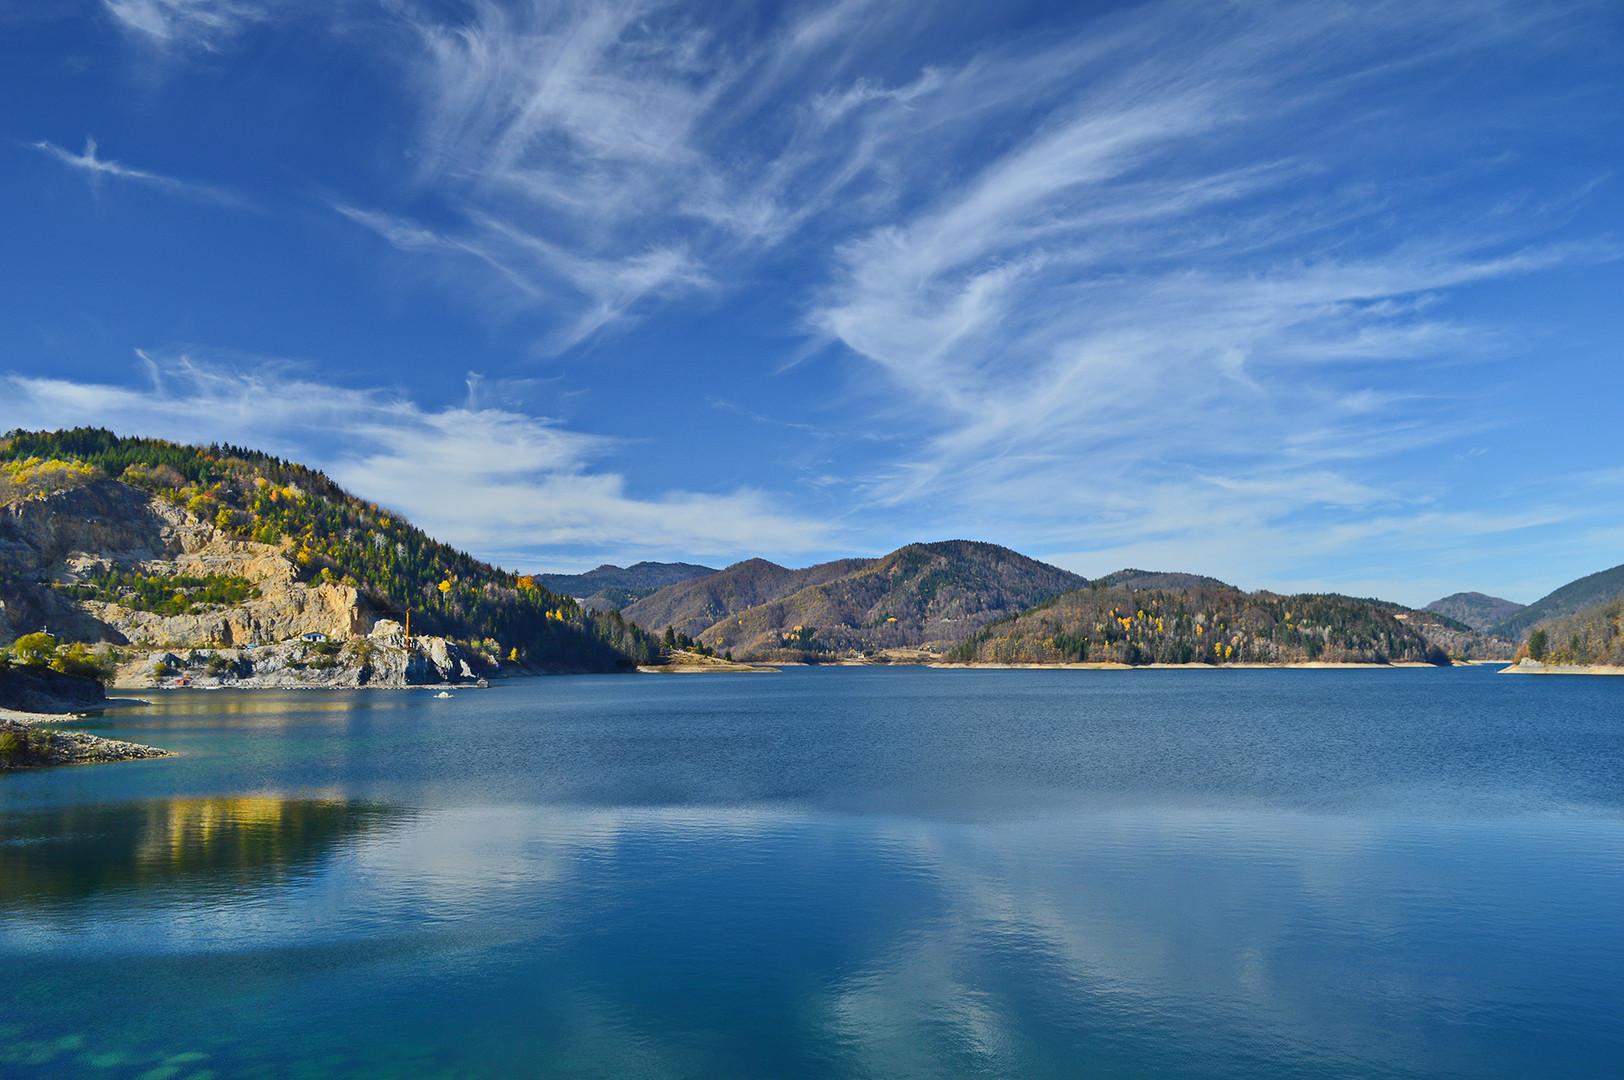 Tara jezero Zaovine